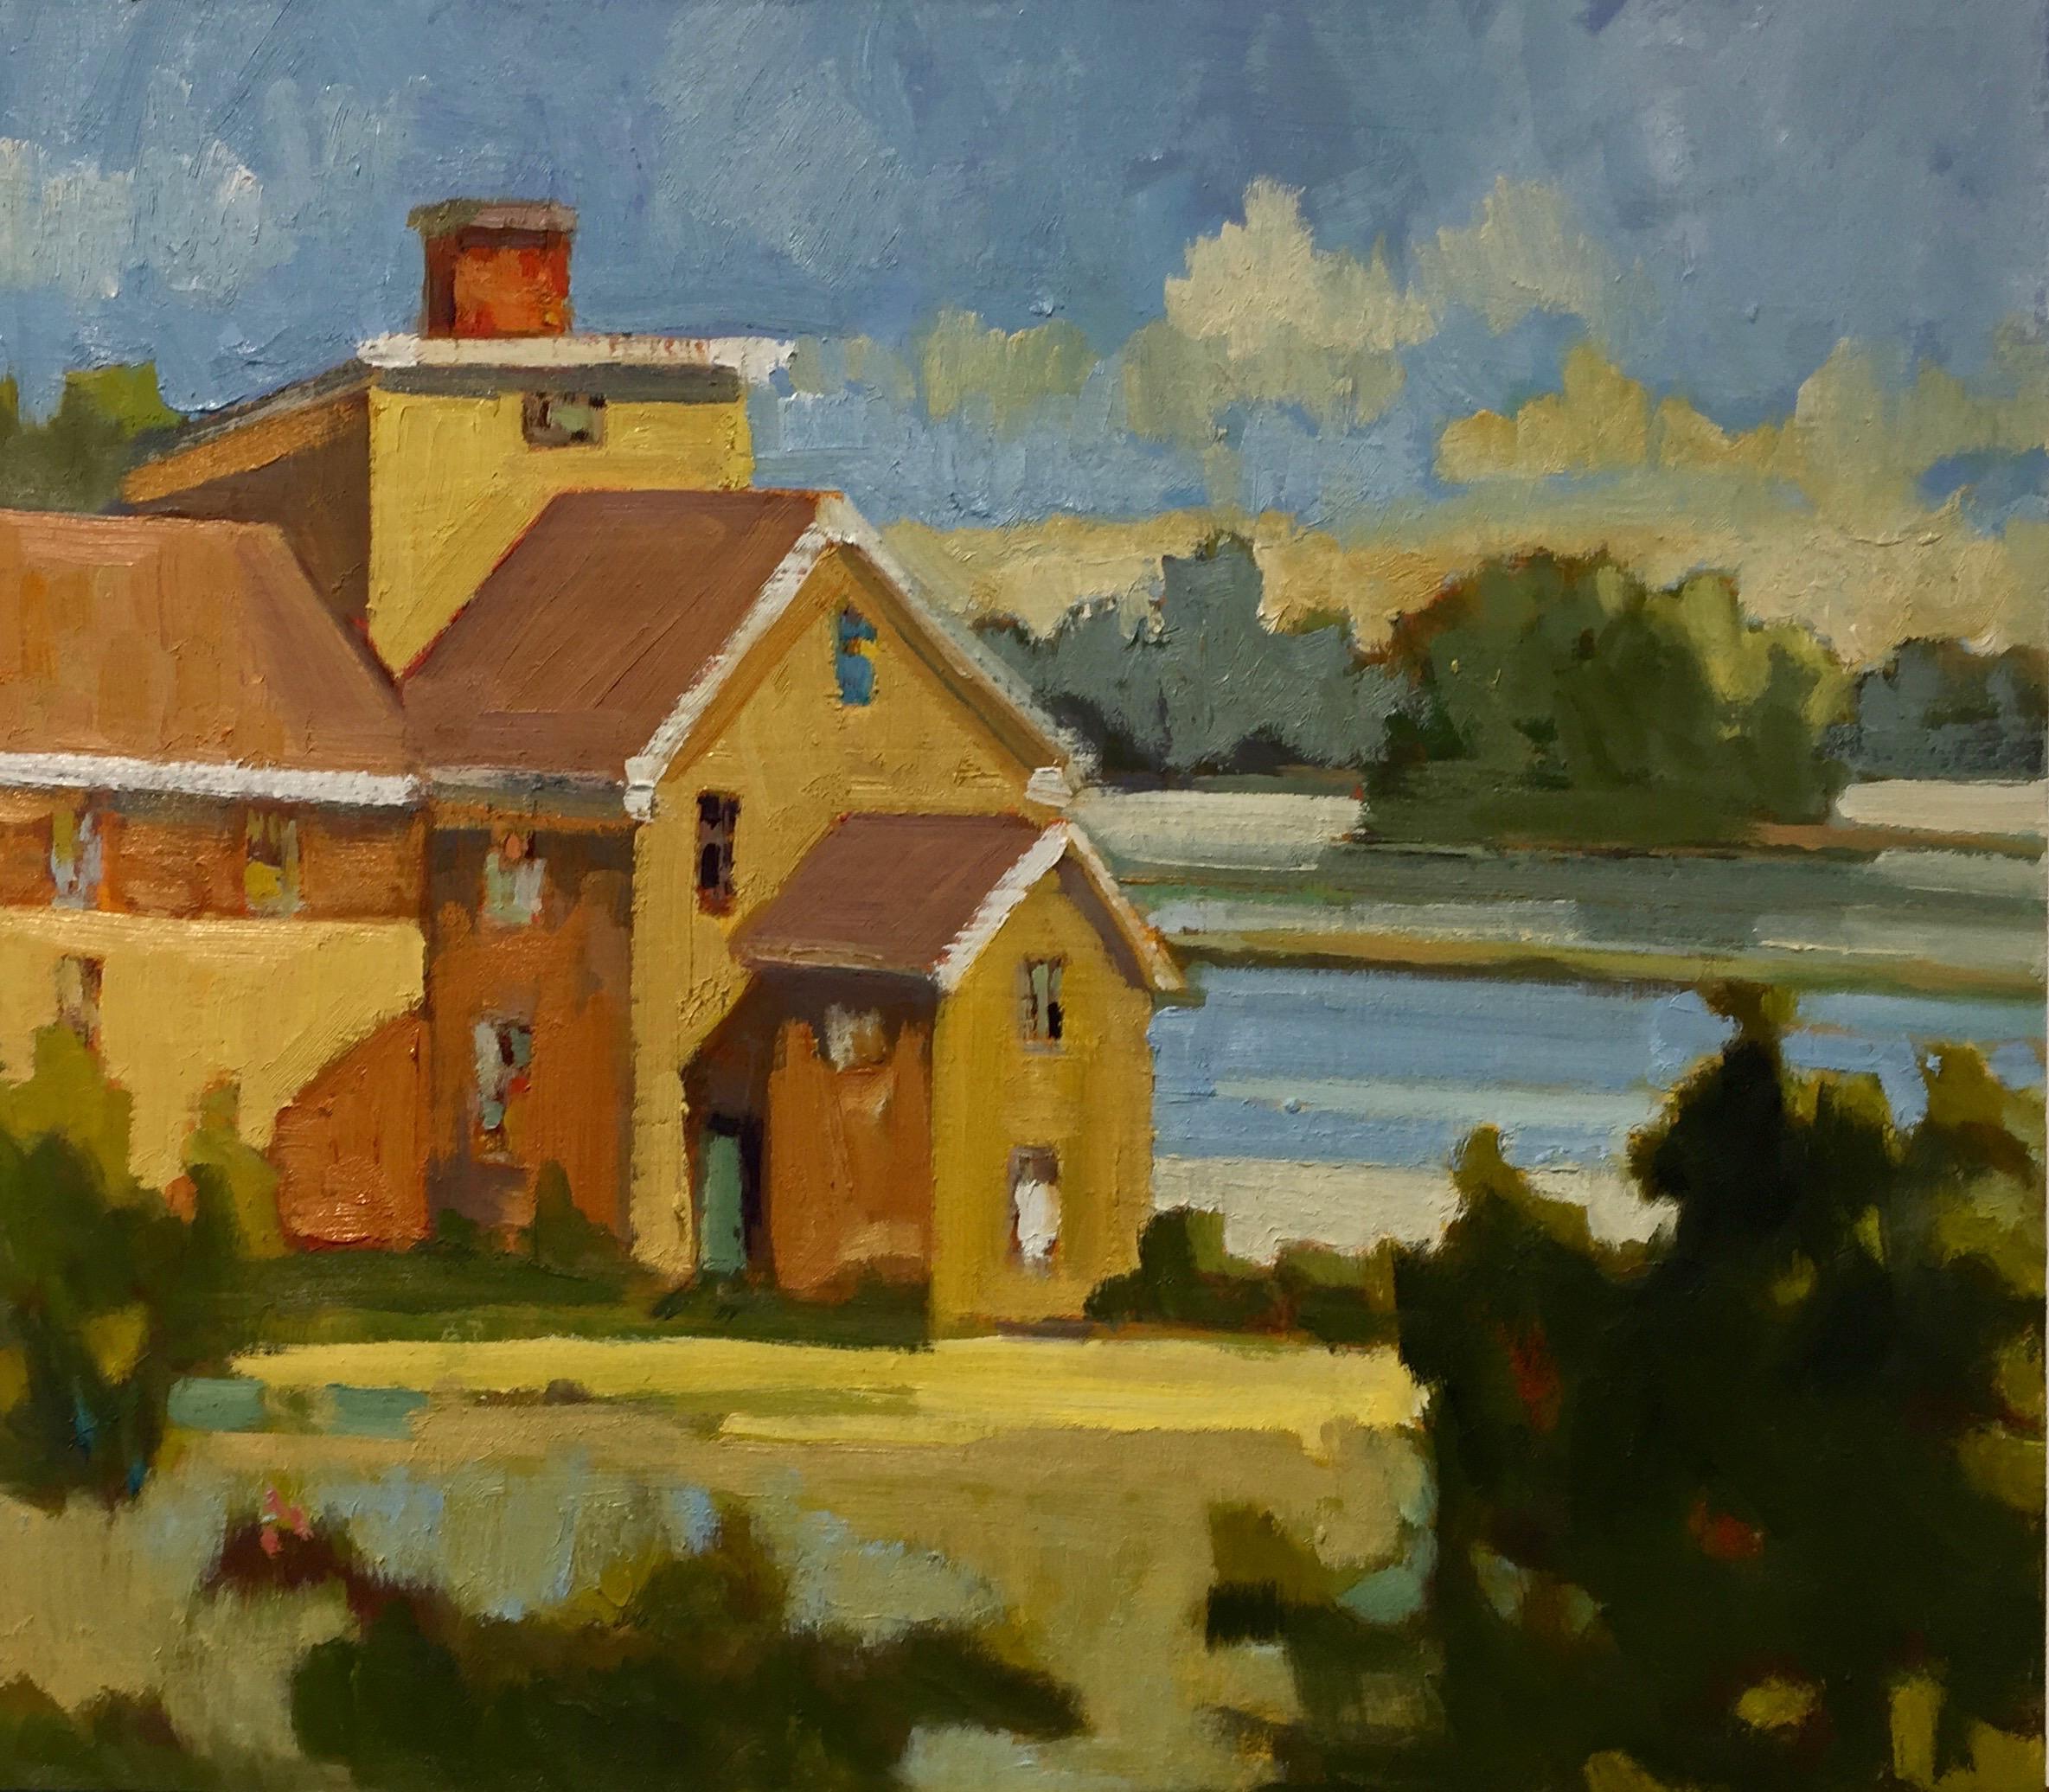 Wentworth Coolidge, oils, 12 x 12